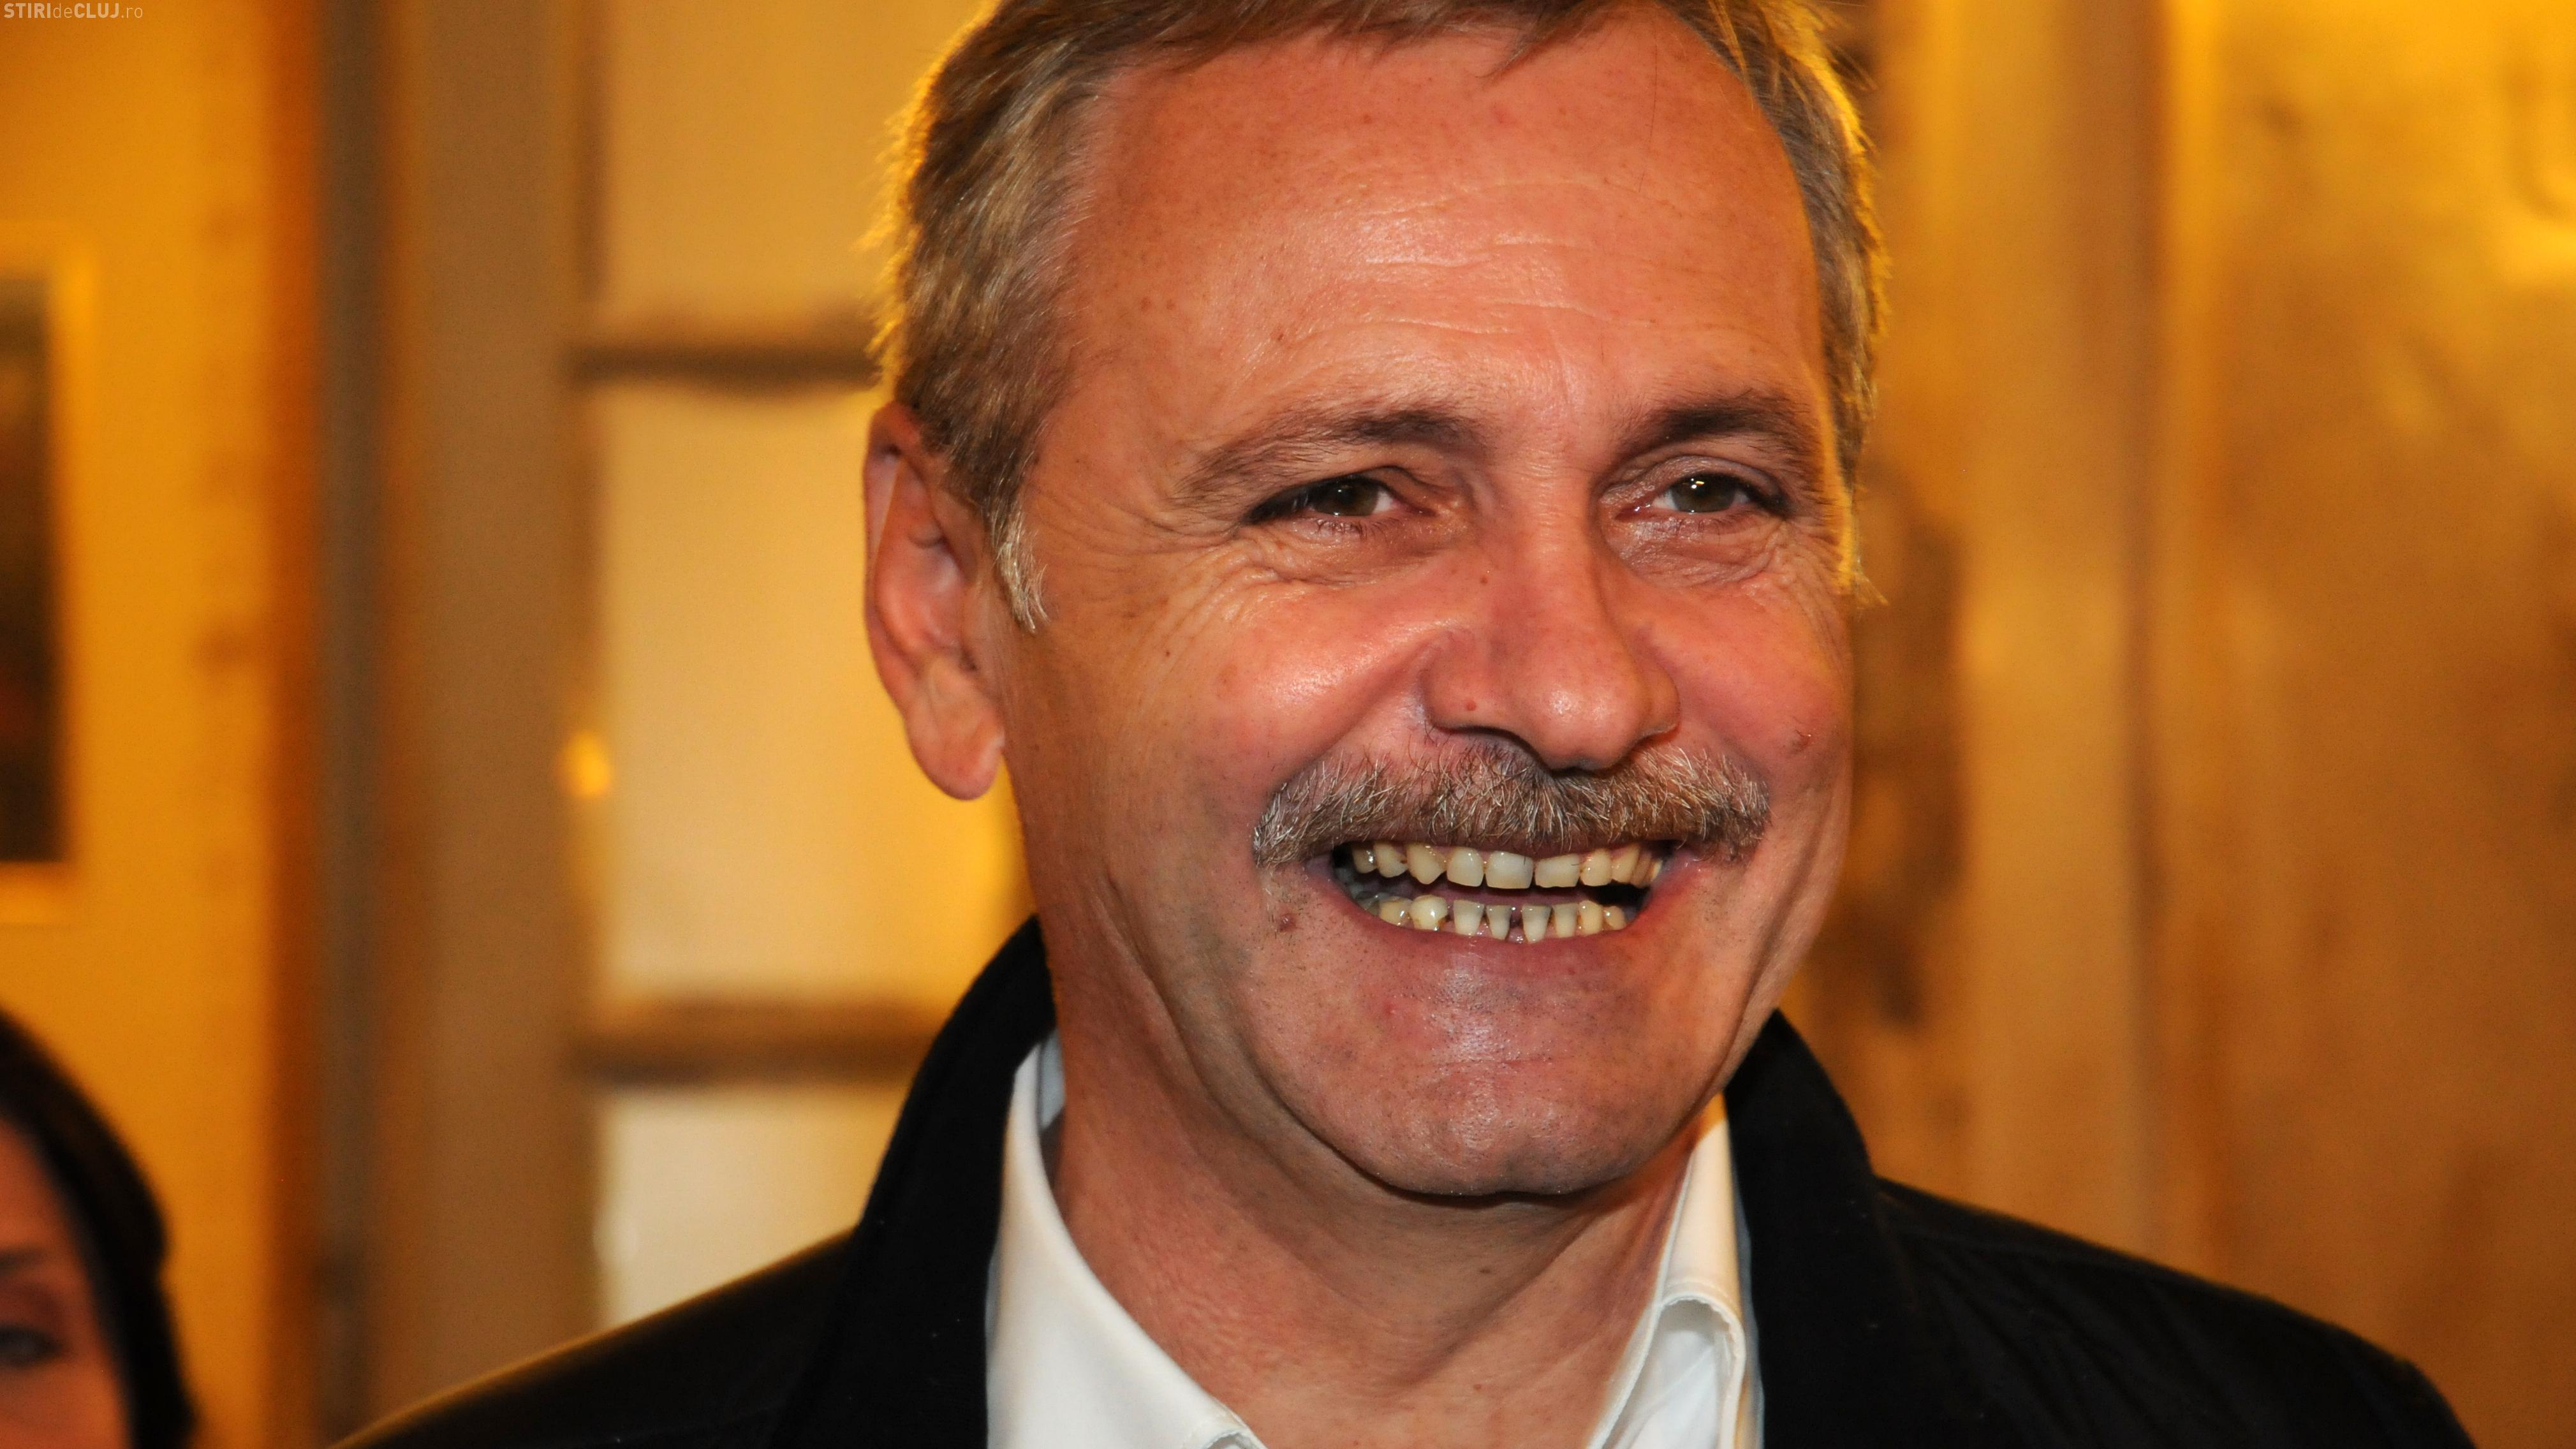 Liviu Dragnea: Ambasadorii urmează să ne interzică dreptul de a gândi